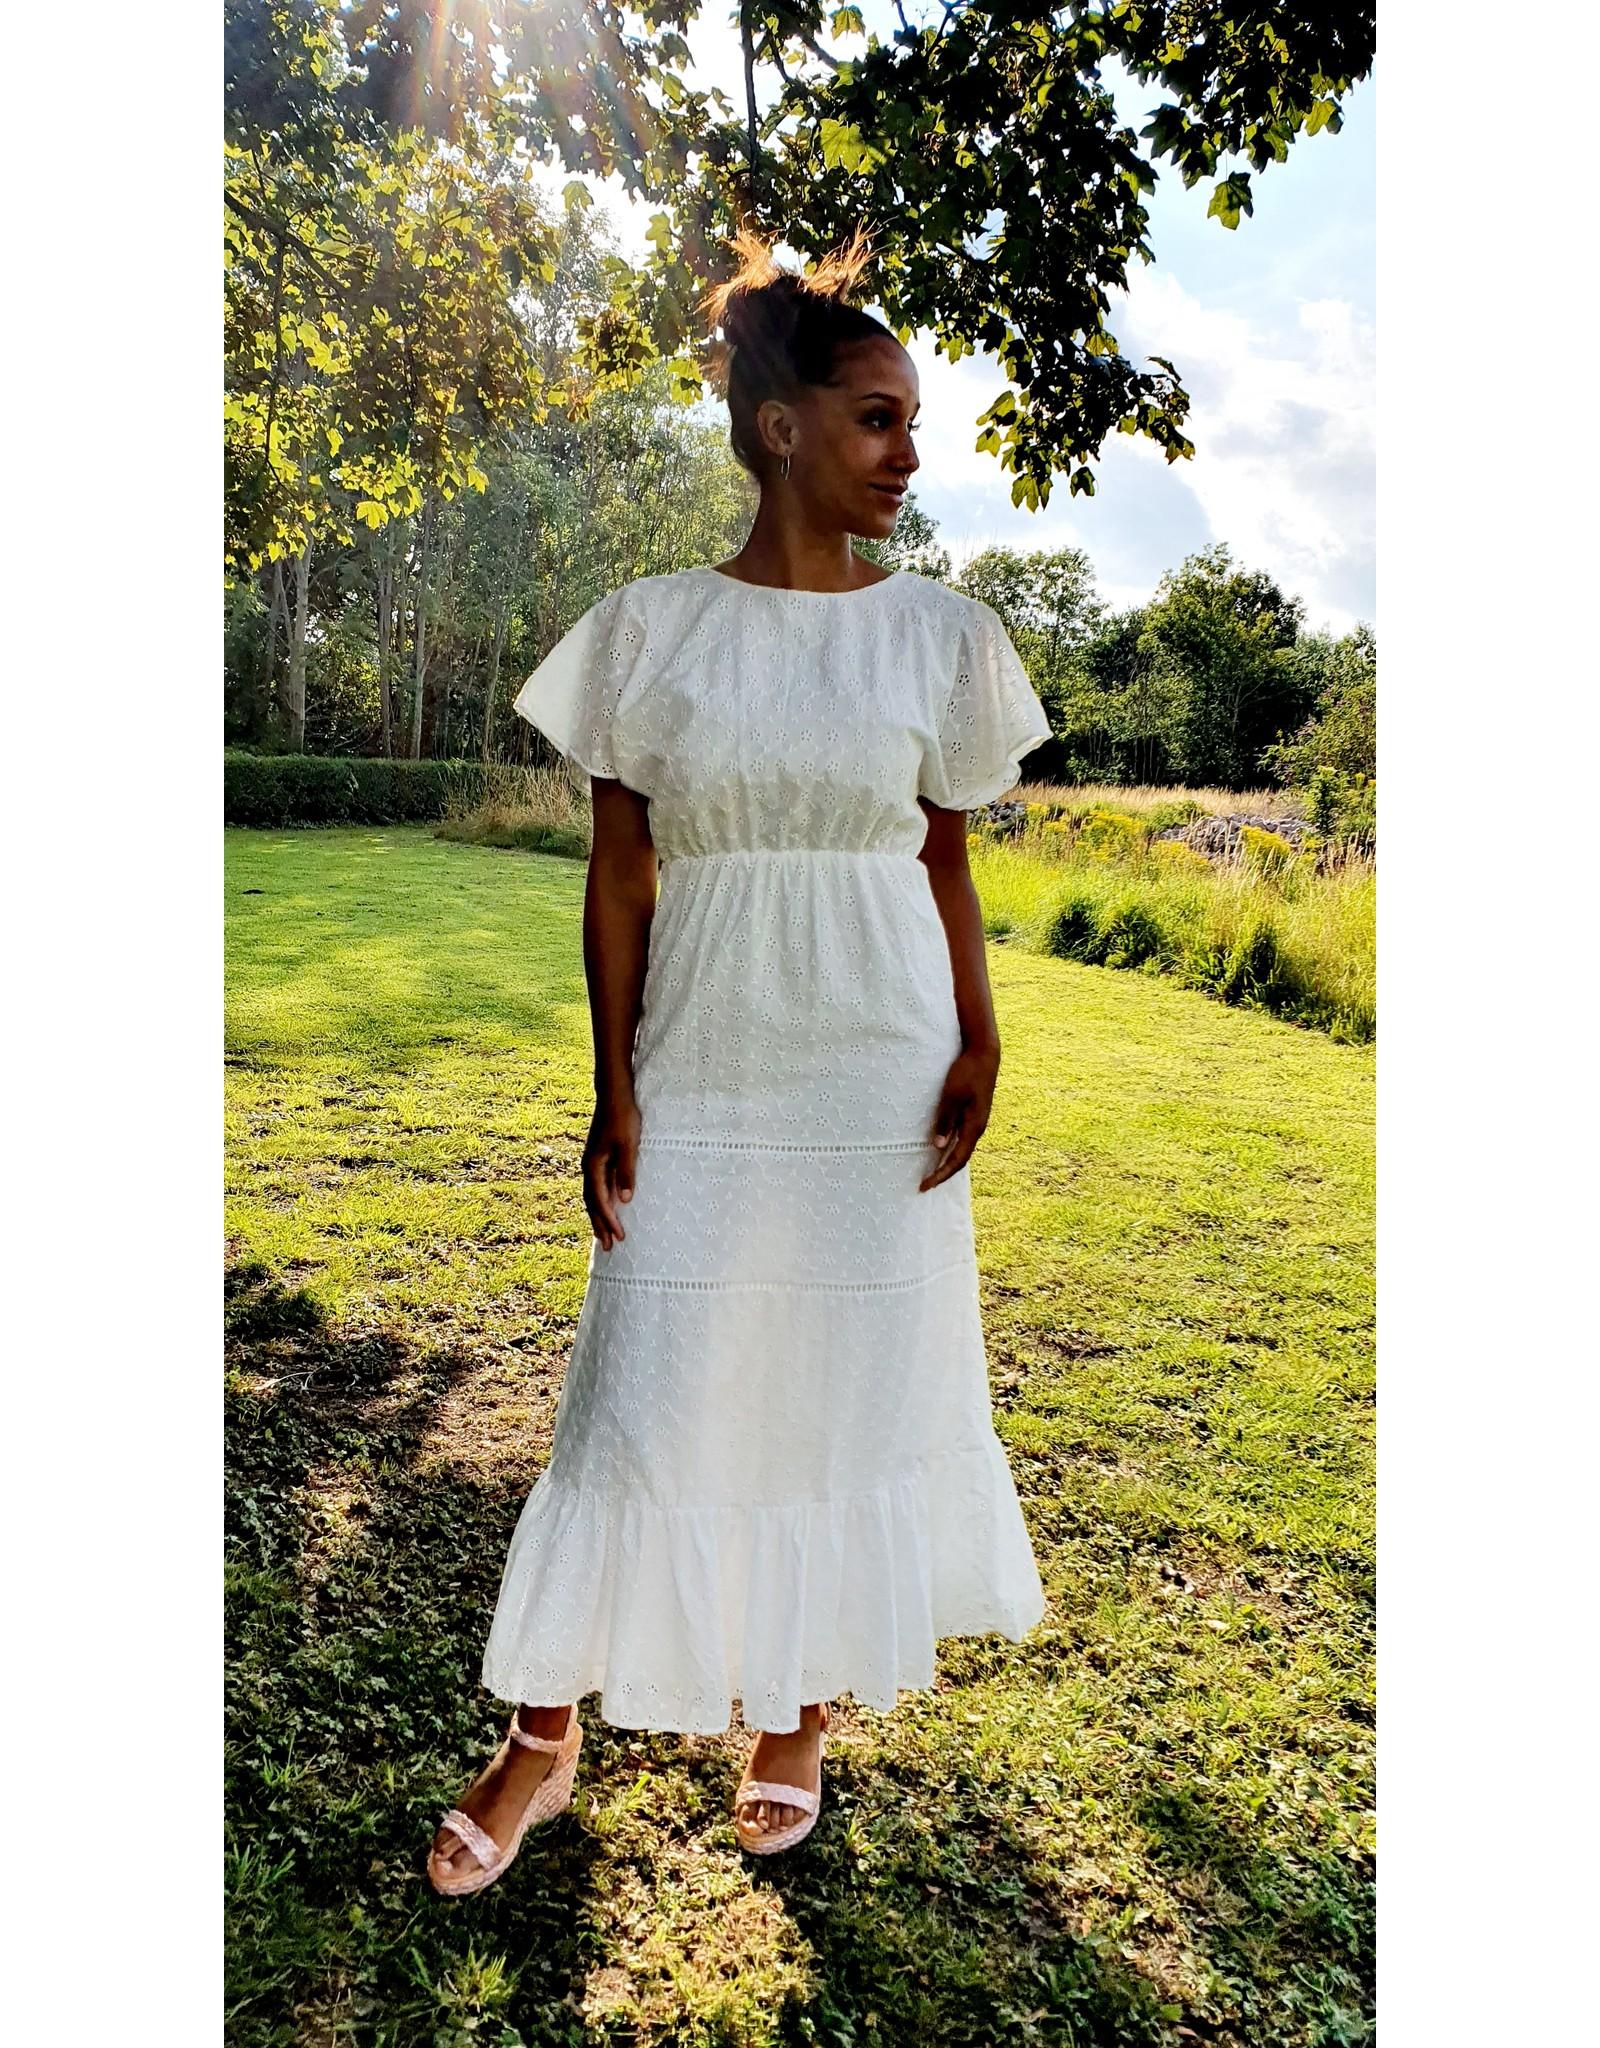 Thé feminine white dress